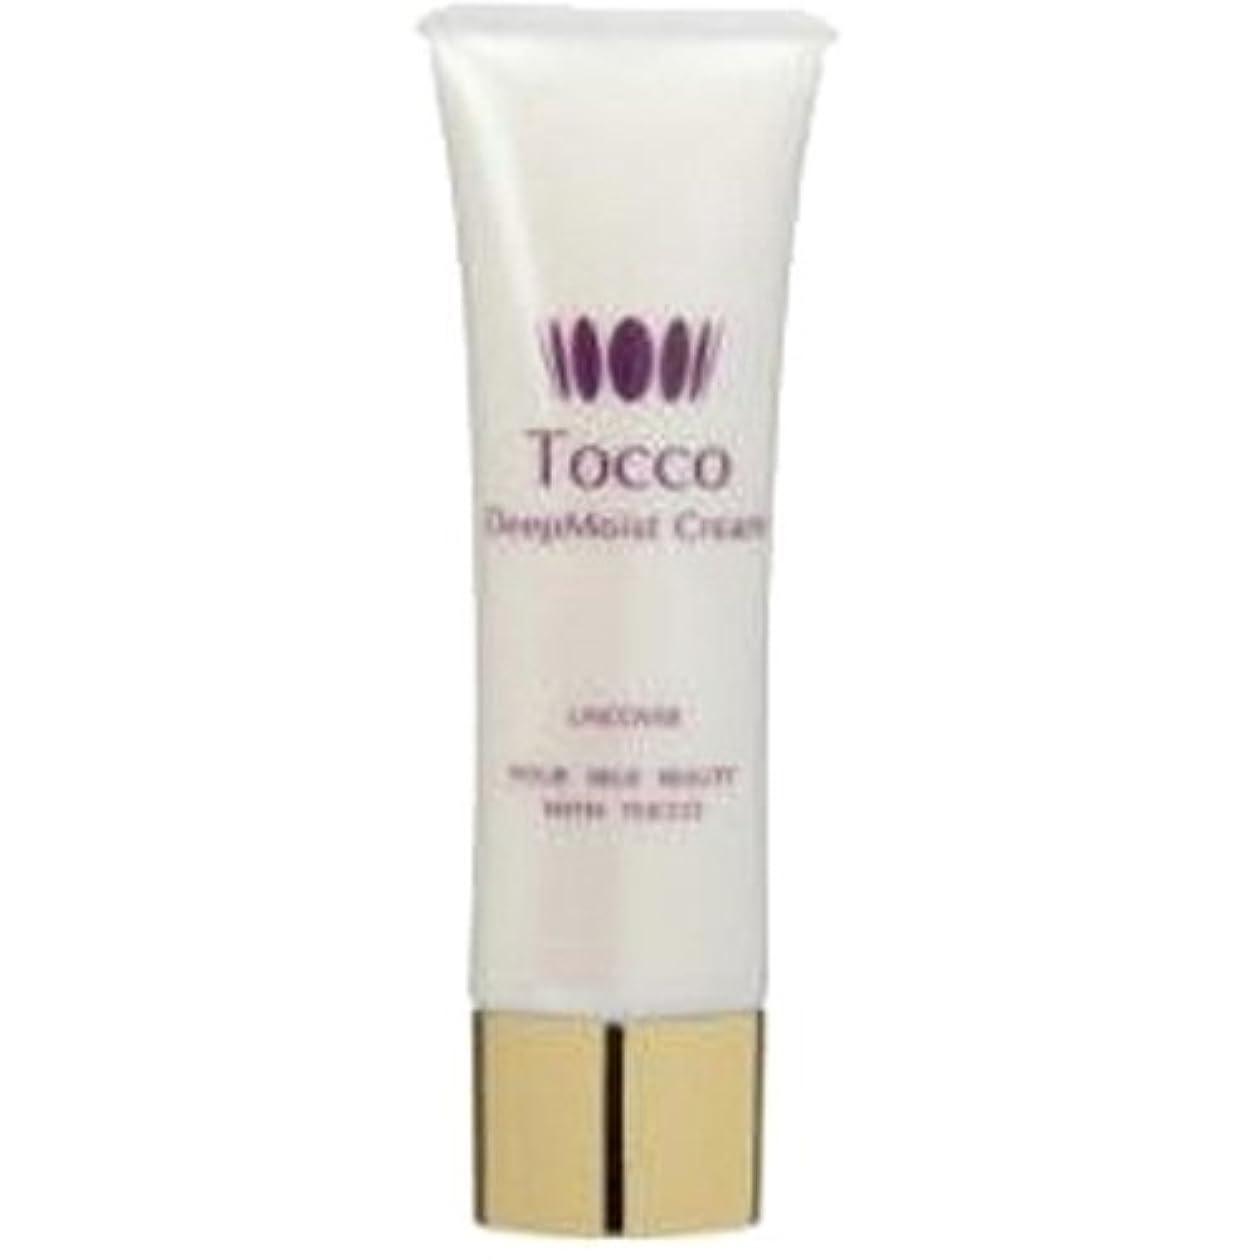 パイントデイジー用量Tocco(トッコ)ディープモイストクリーム 30g